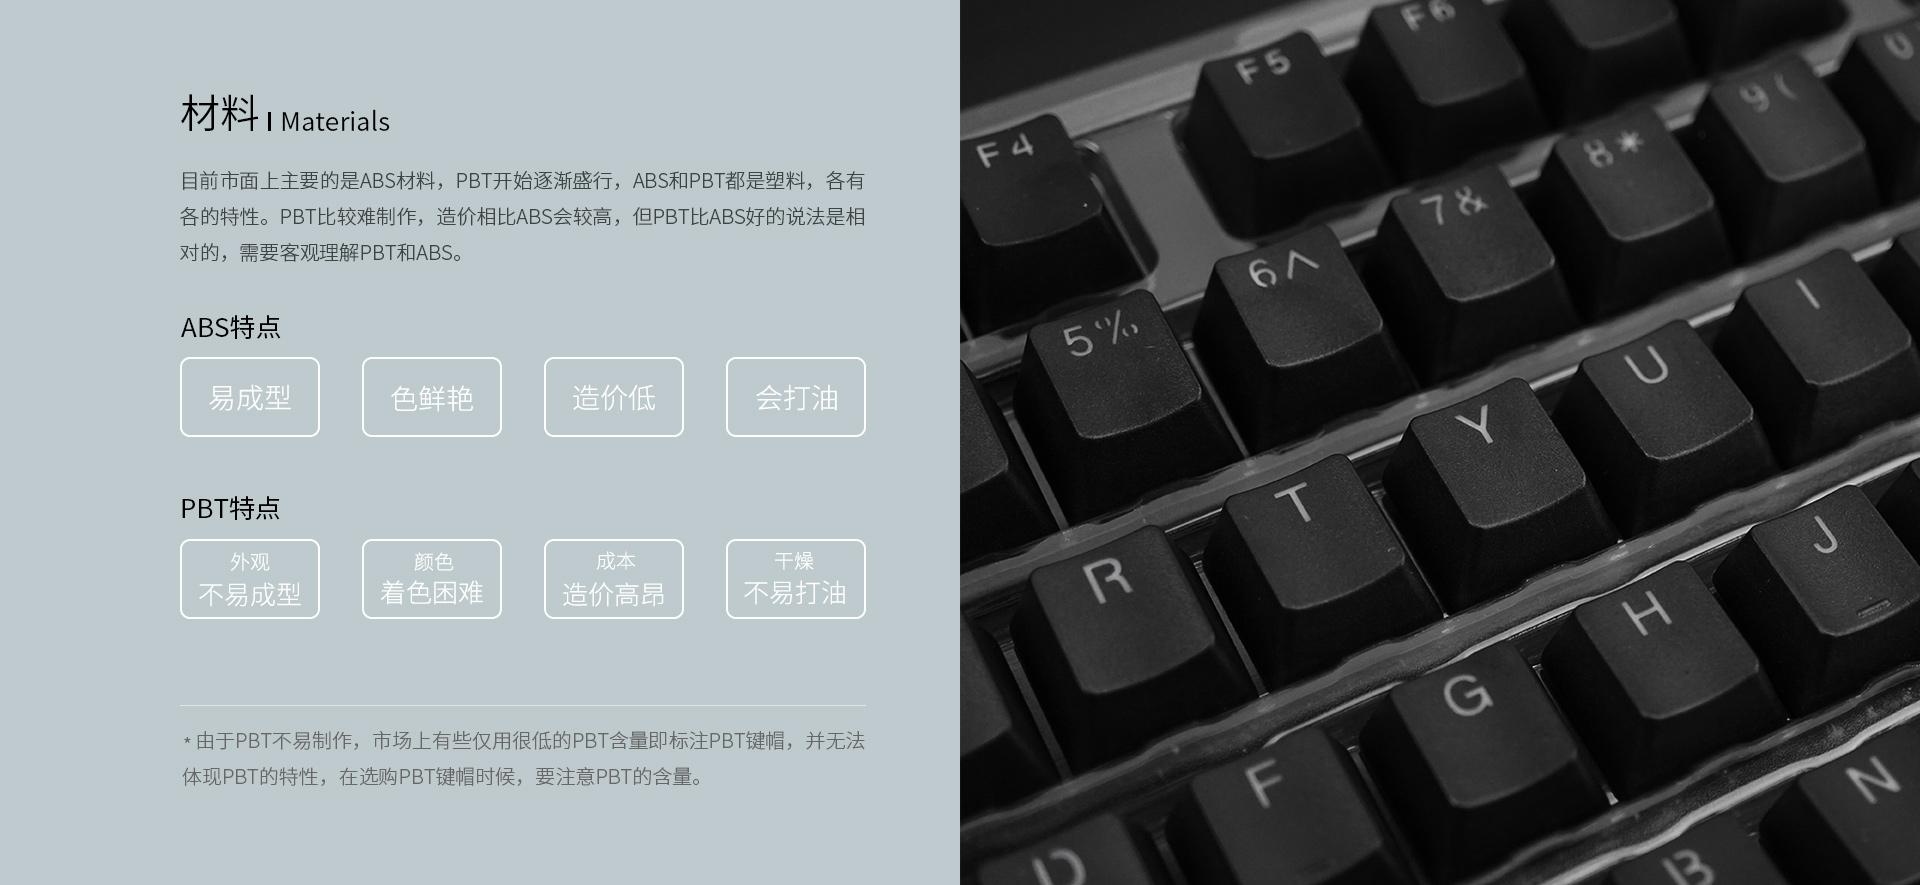 jianmao4